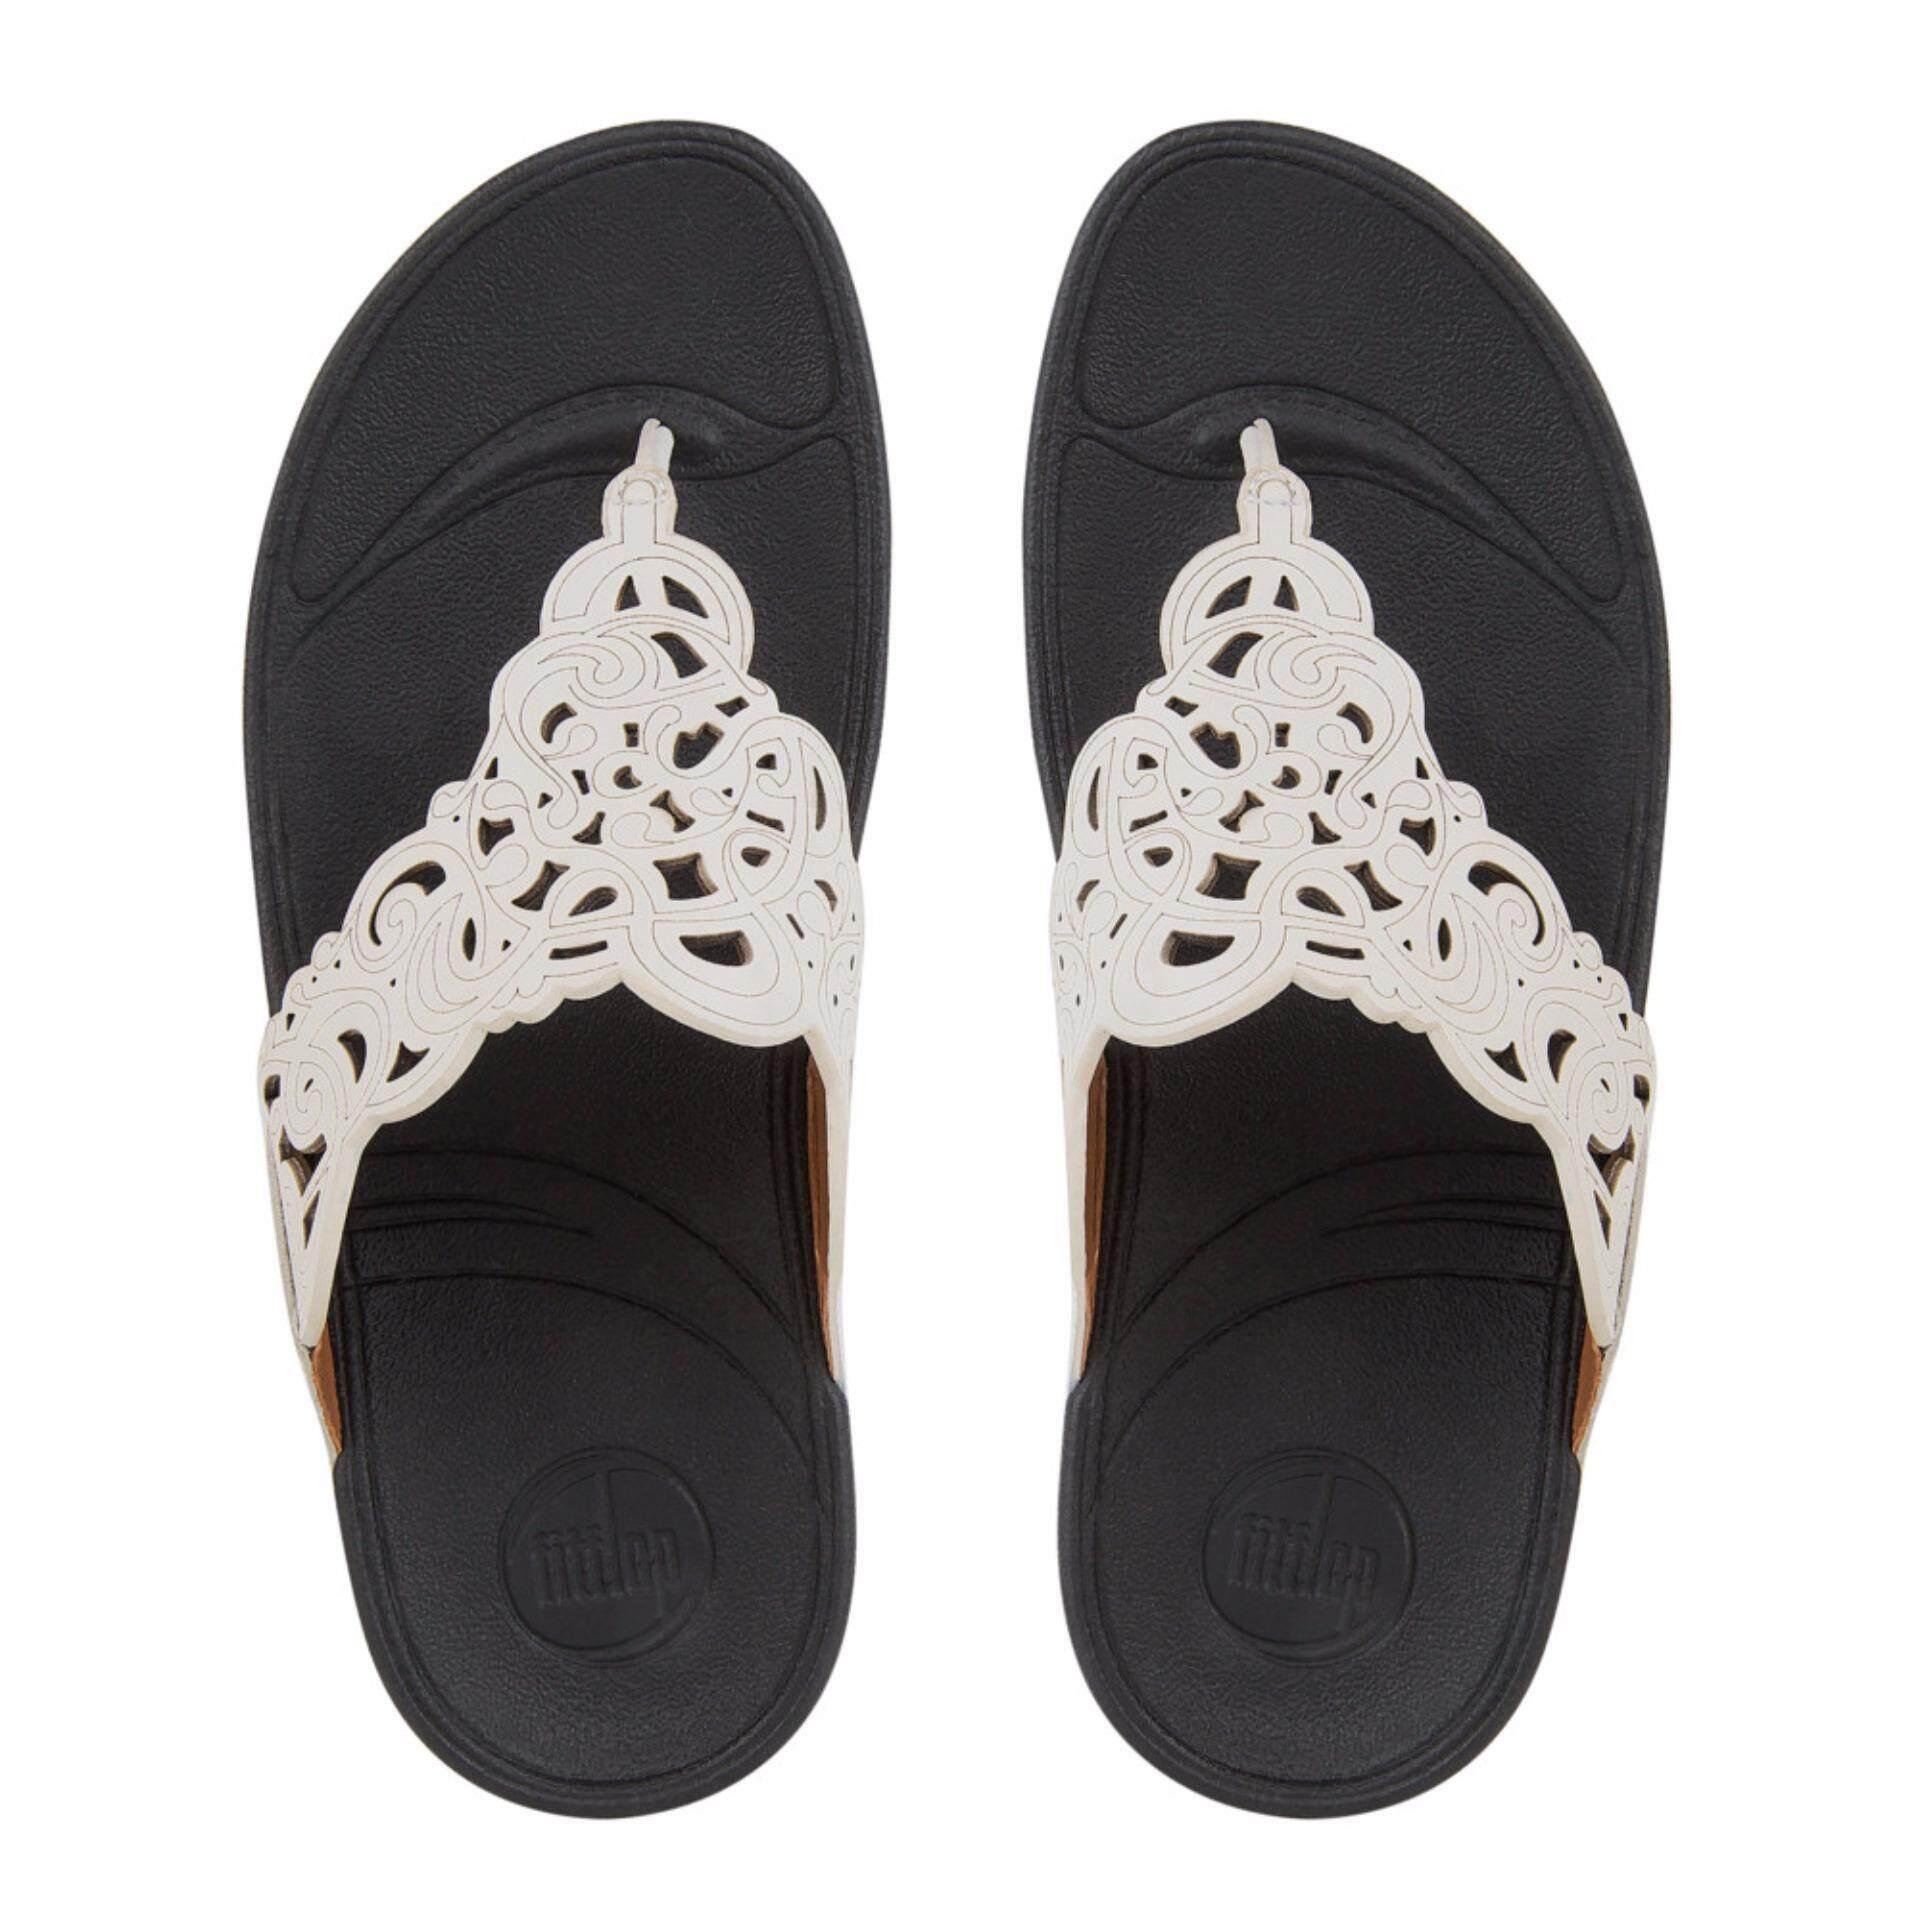 ซื้อ Fitflop รองเท้าแตะหญิง Flora สี 194 Urban White